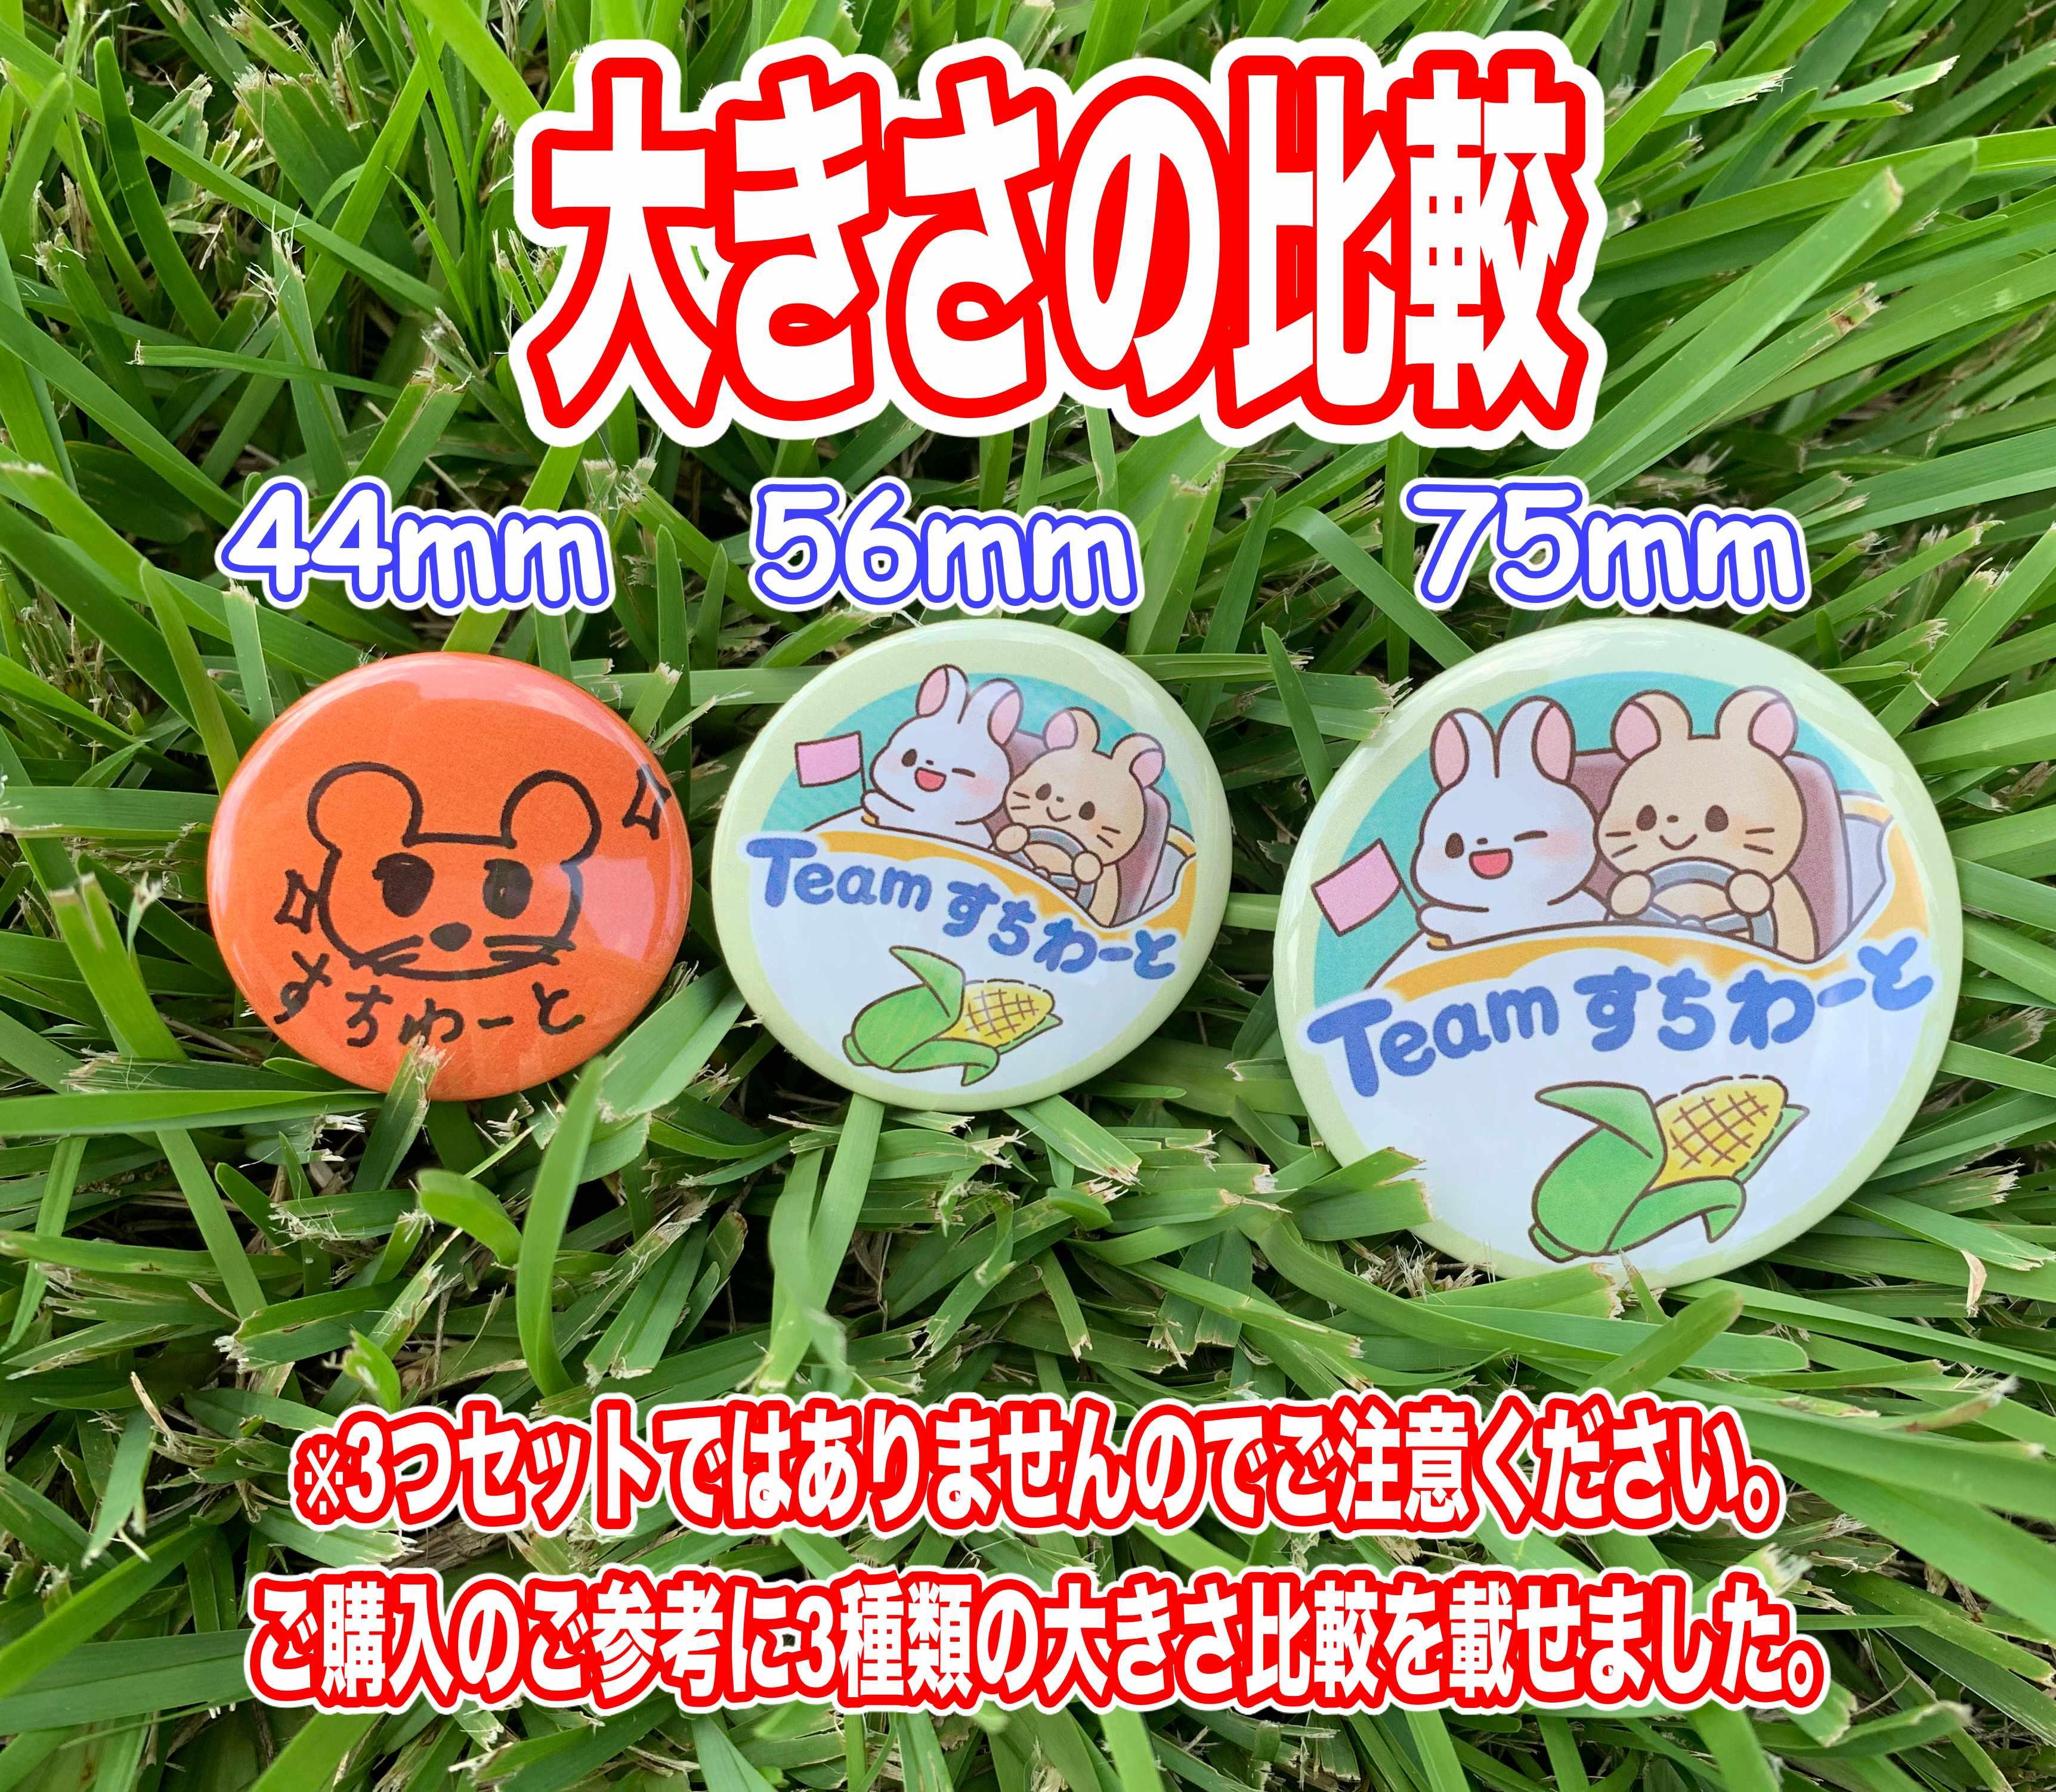 チームすちわーと缶バッジ(中)【ゴーカート】56mm 56㎜缶バッジ